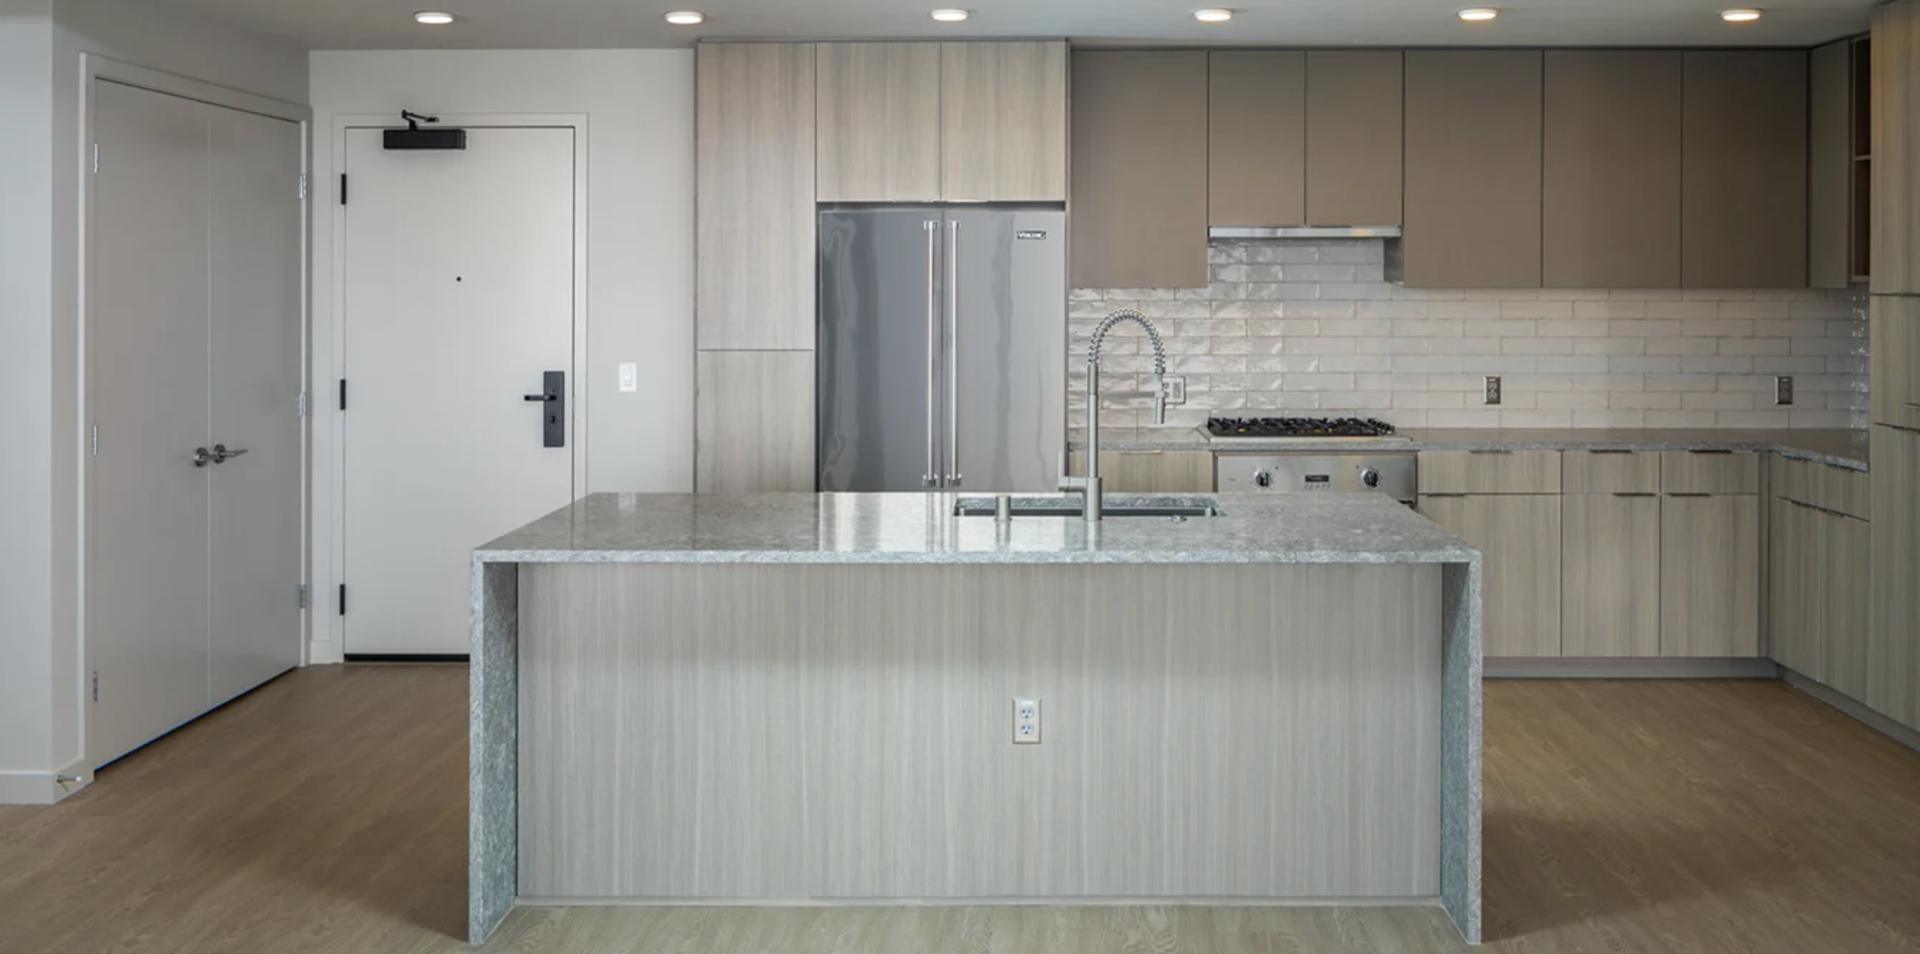 601 11th Avenue #2102, San Diego, CA - $5,175 USD/ month